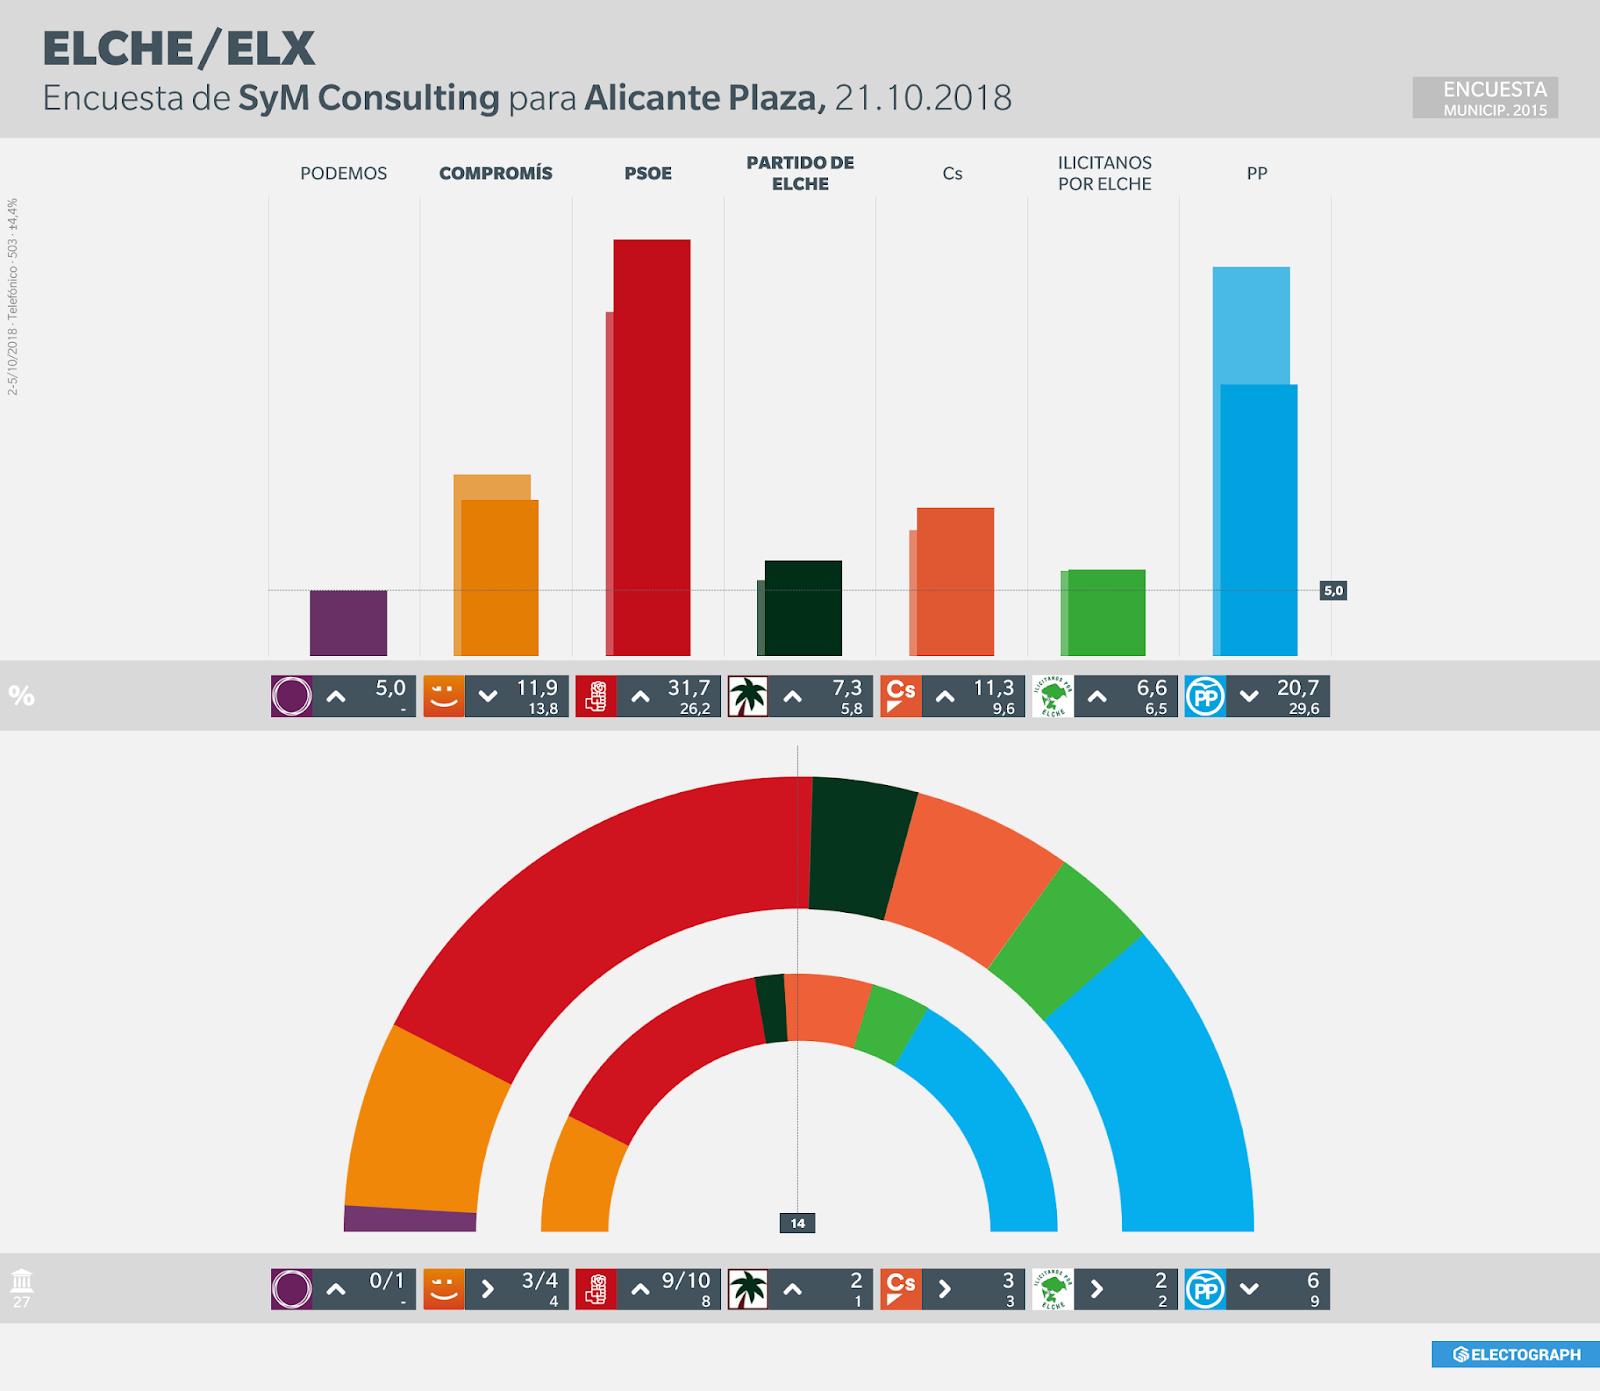 Gráfico de la encuesta para elecciones municipales en Elche realizada por SyM Consulting para Alicante Plaza en octubre de 2018